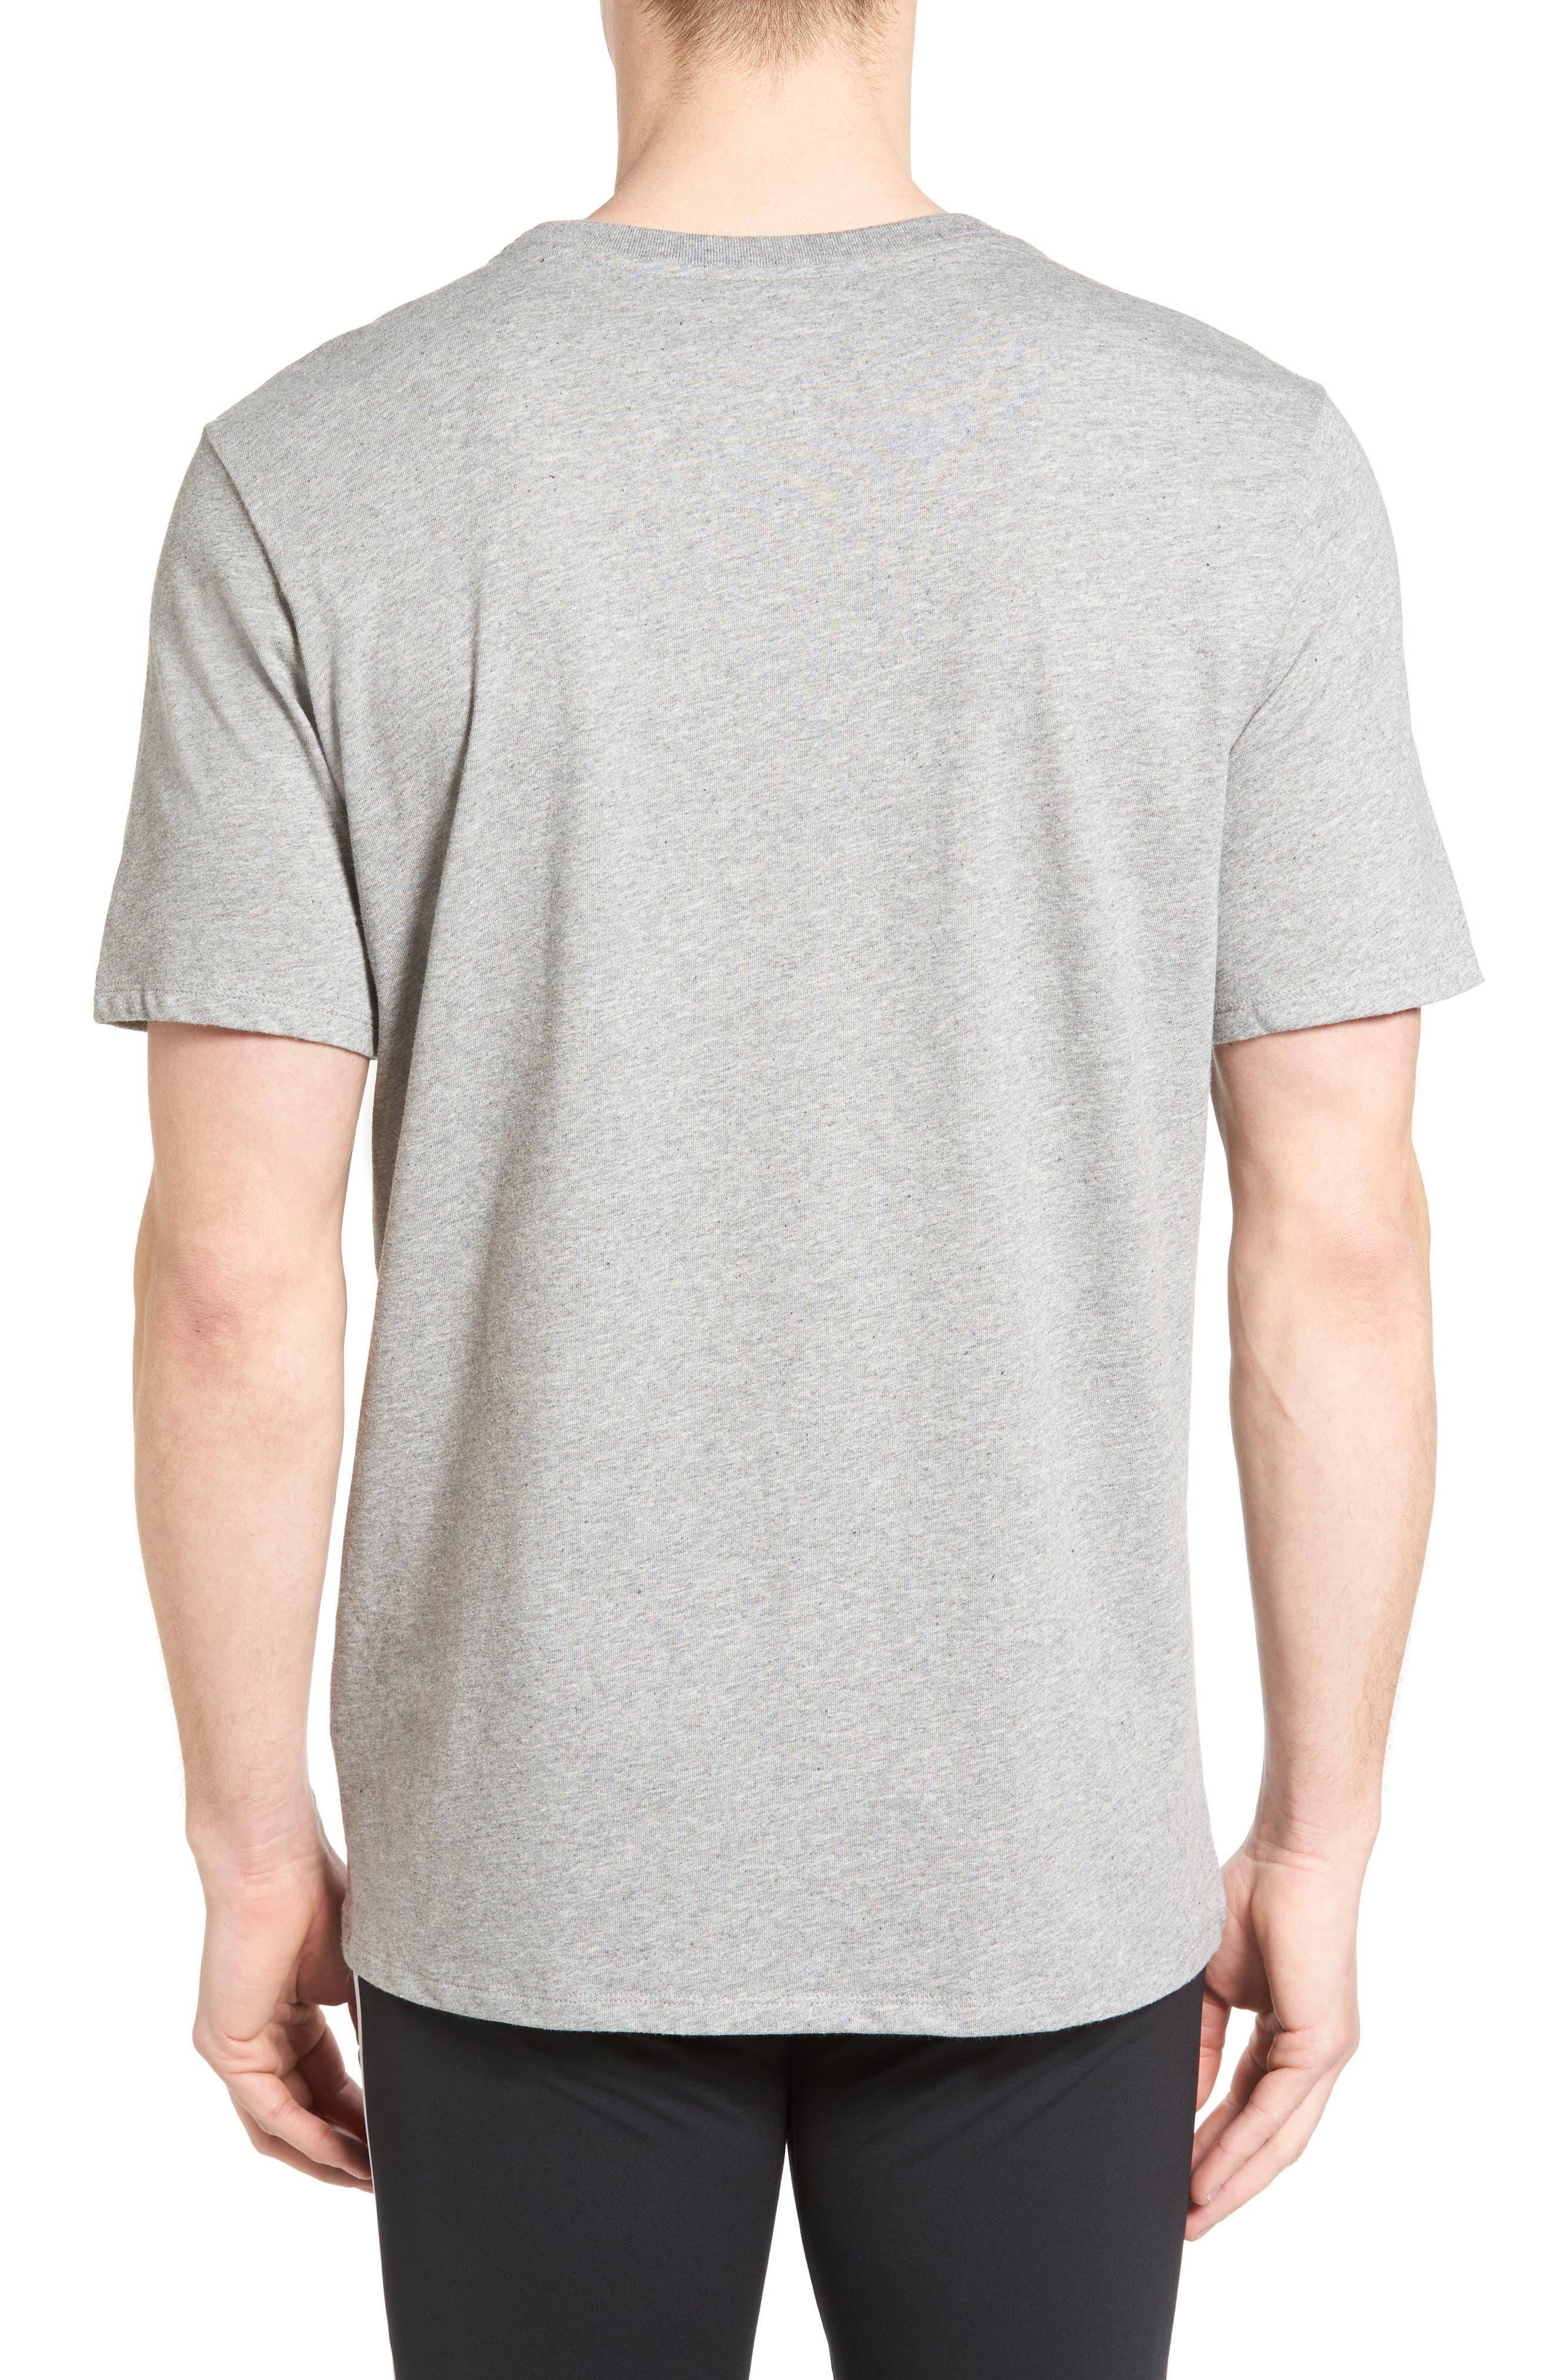 Dri-FIT Training T-Shirt,                             Alternate thumbnail 6, color,